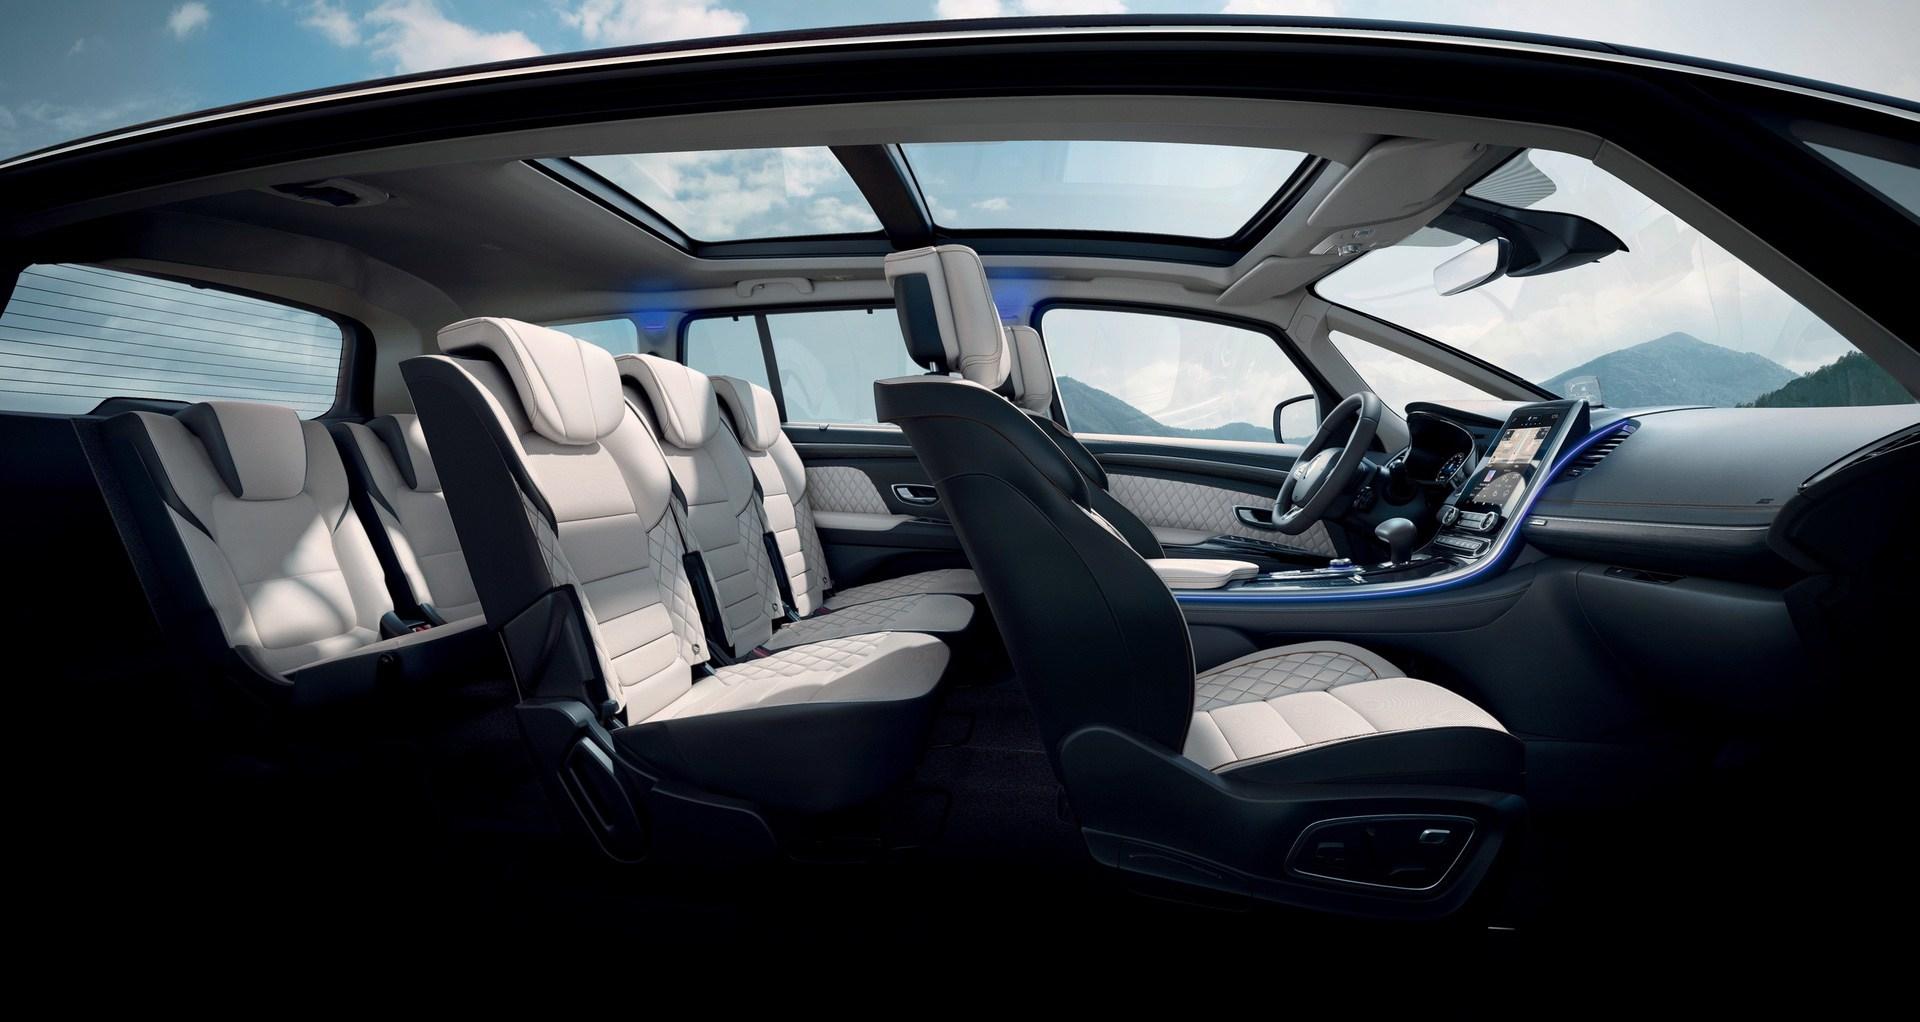 2019 - Nouveau Renault ESPACE Initiale Paris